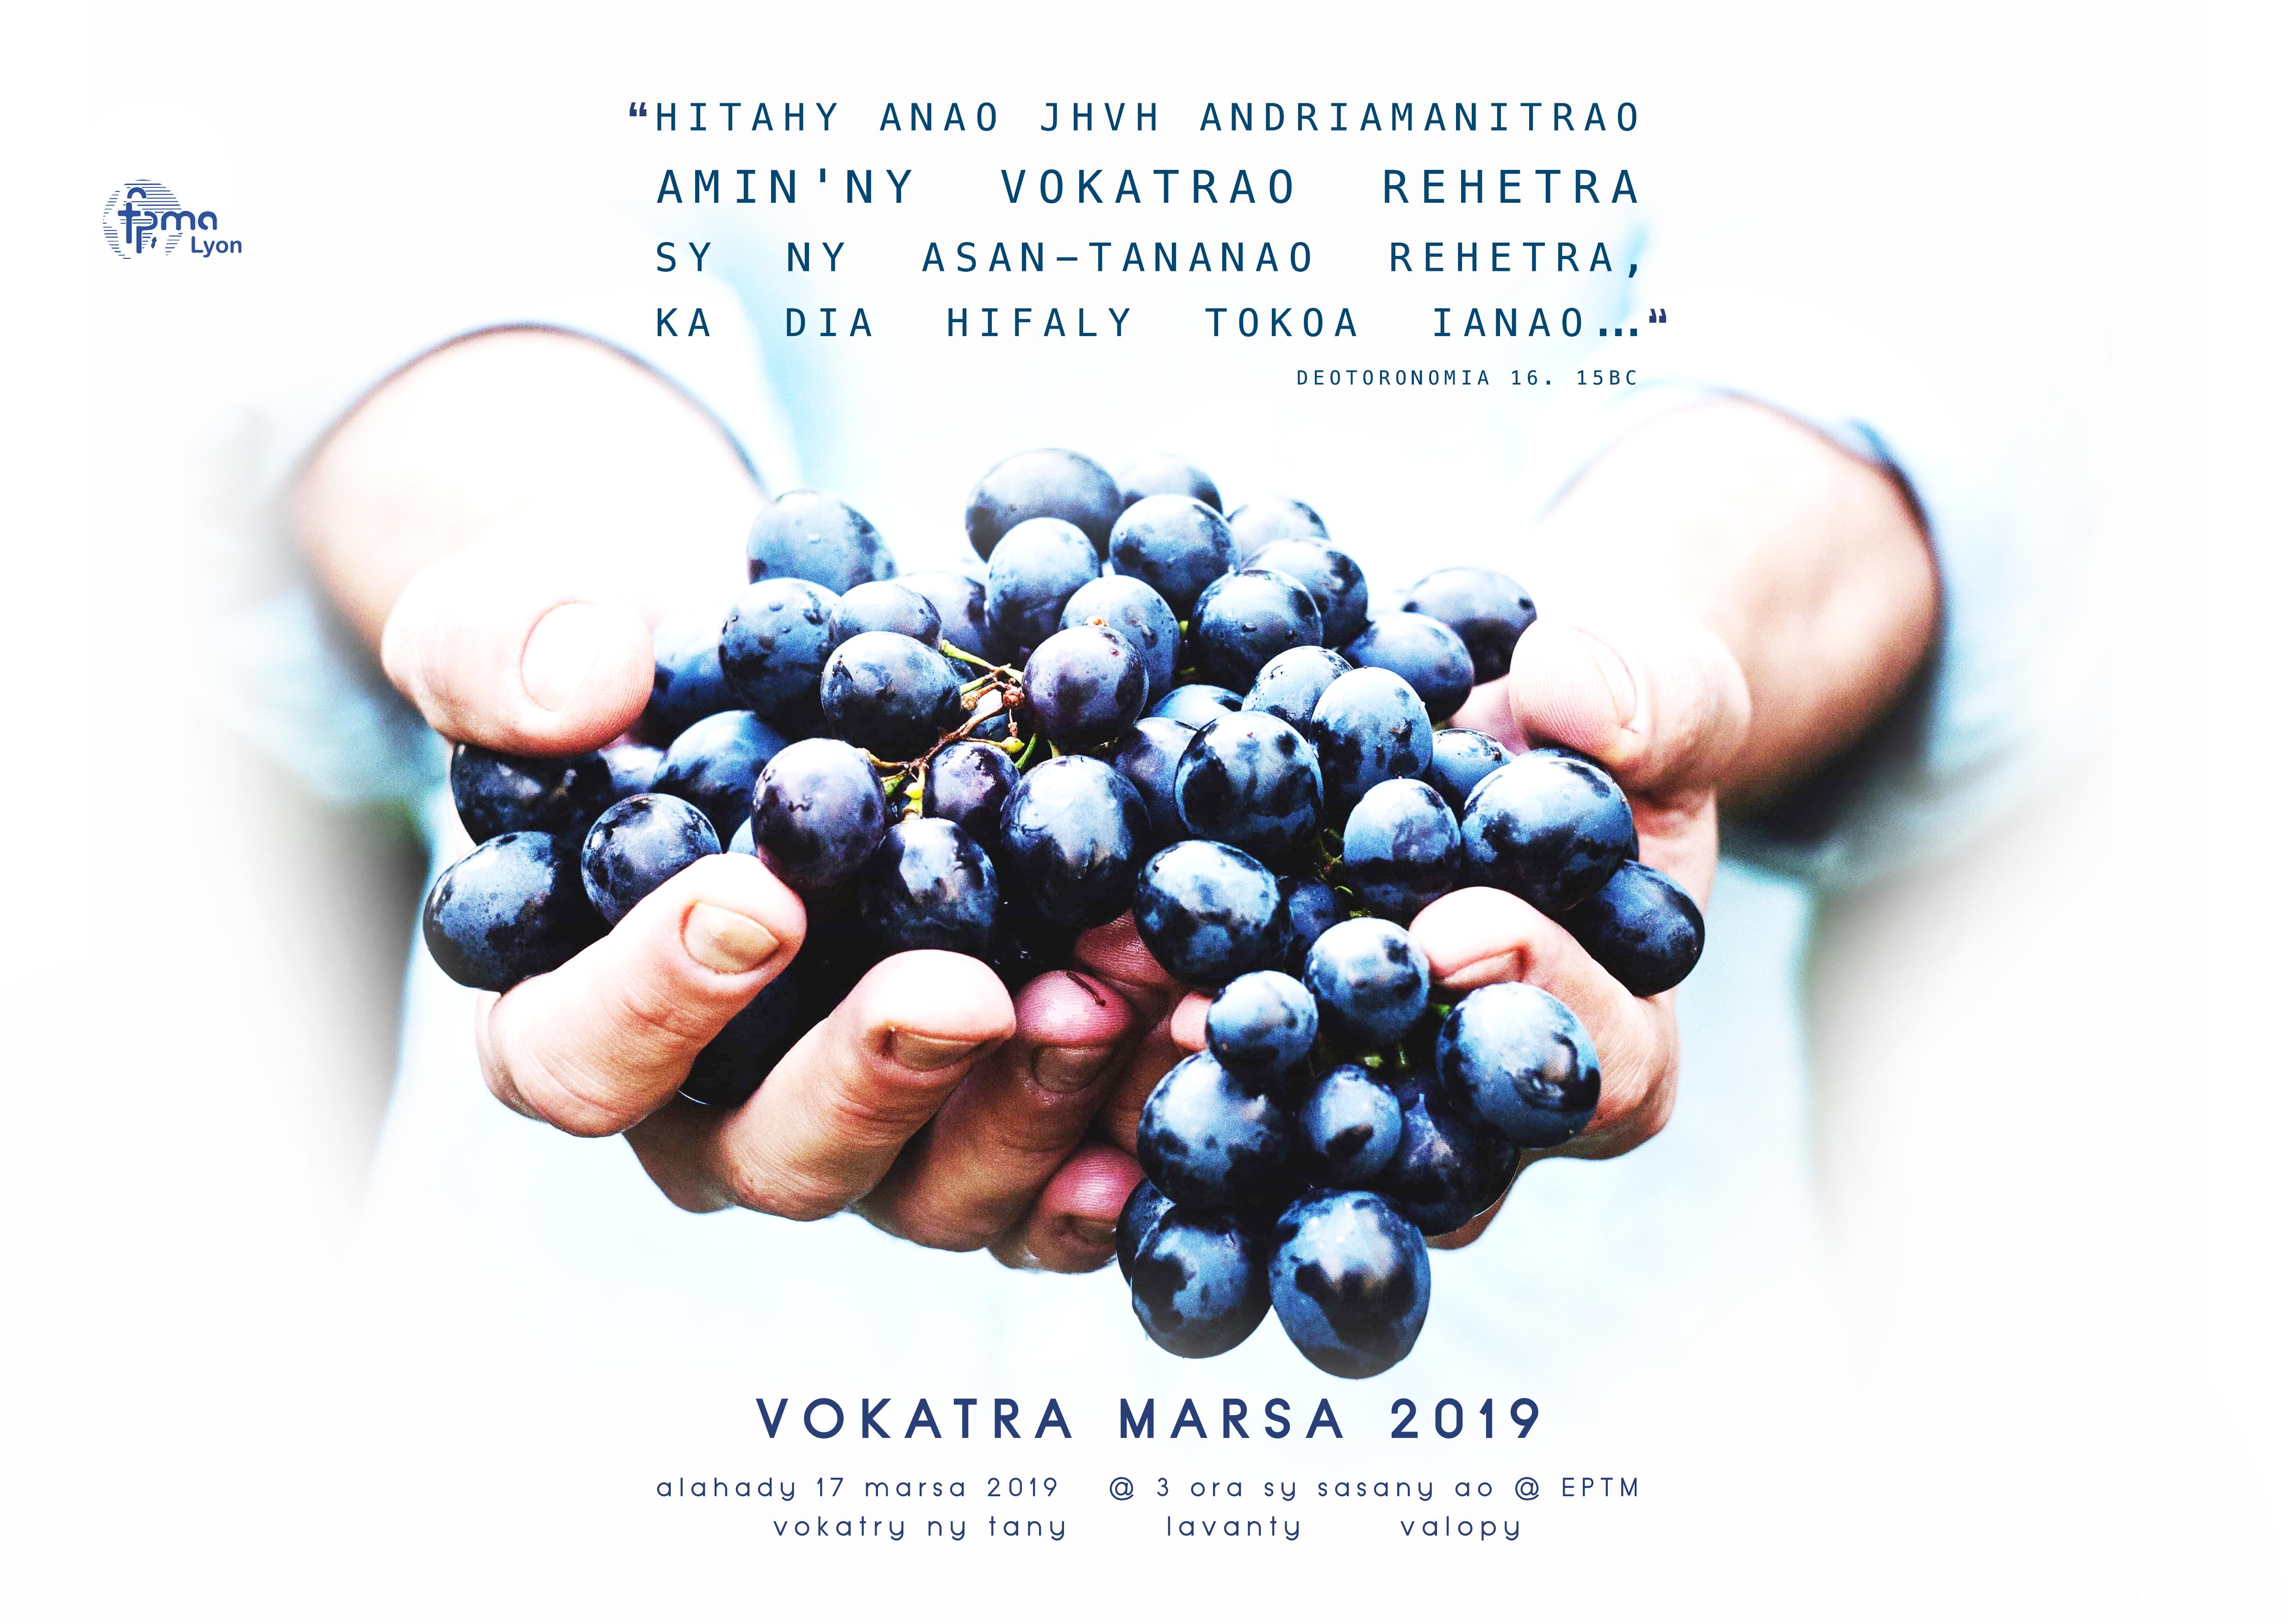 Vokatra Mars 2019